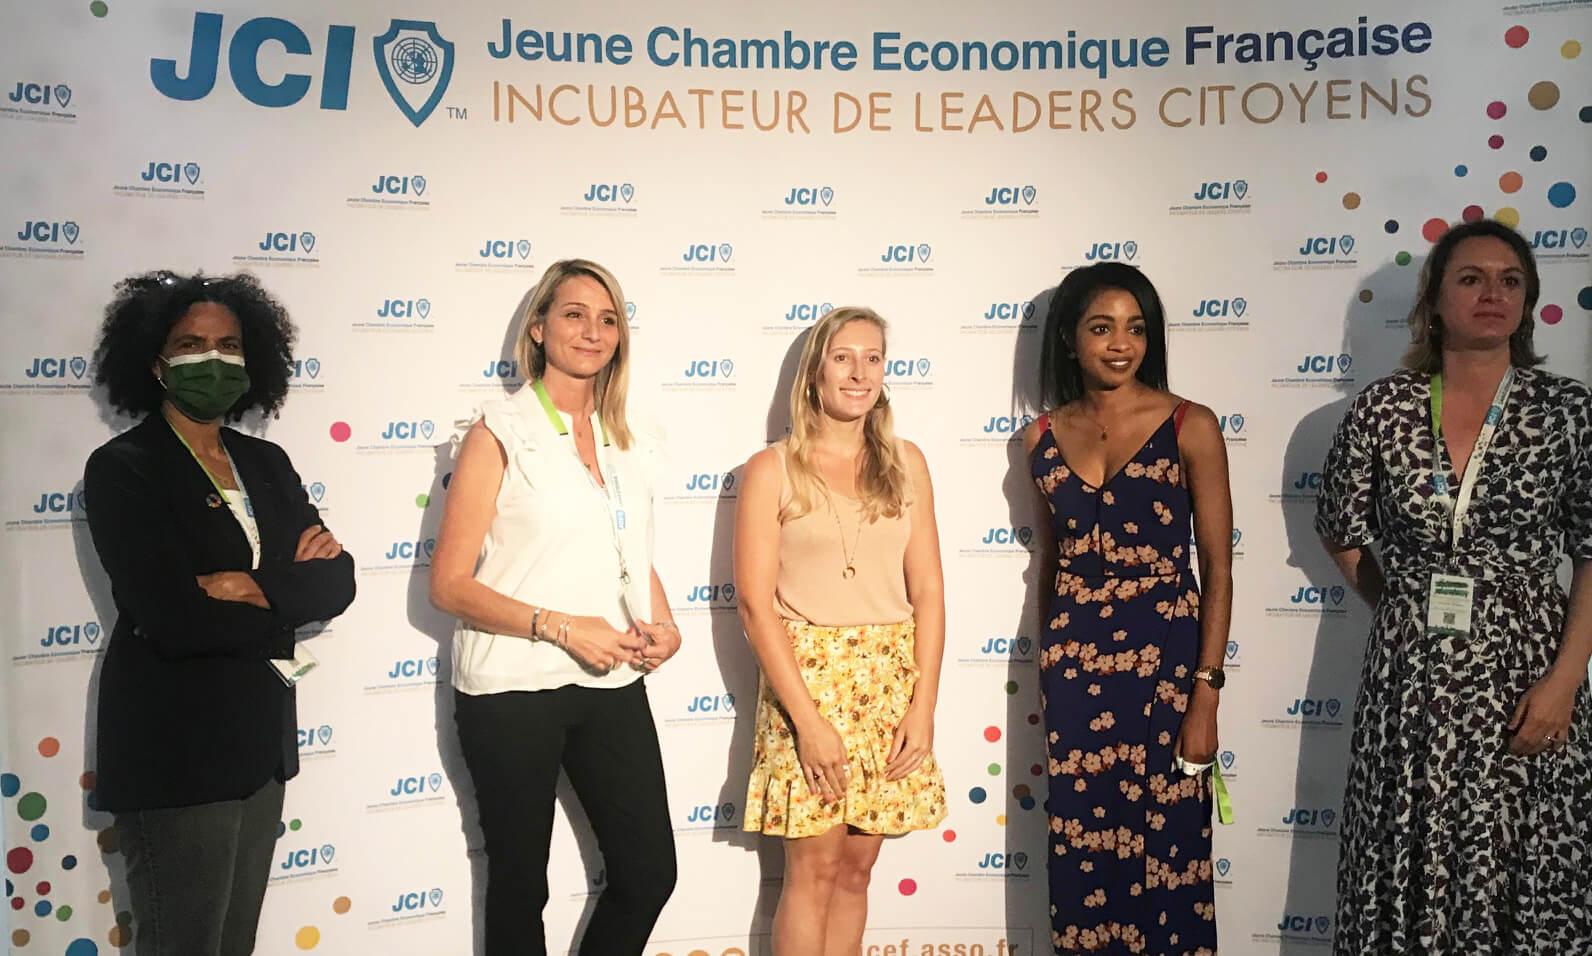 action académie - remise de prix LOCAM - Jeune Chambre Economique Française